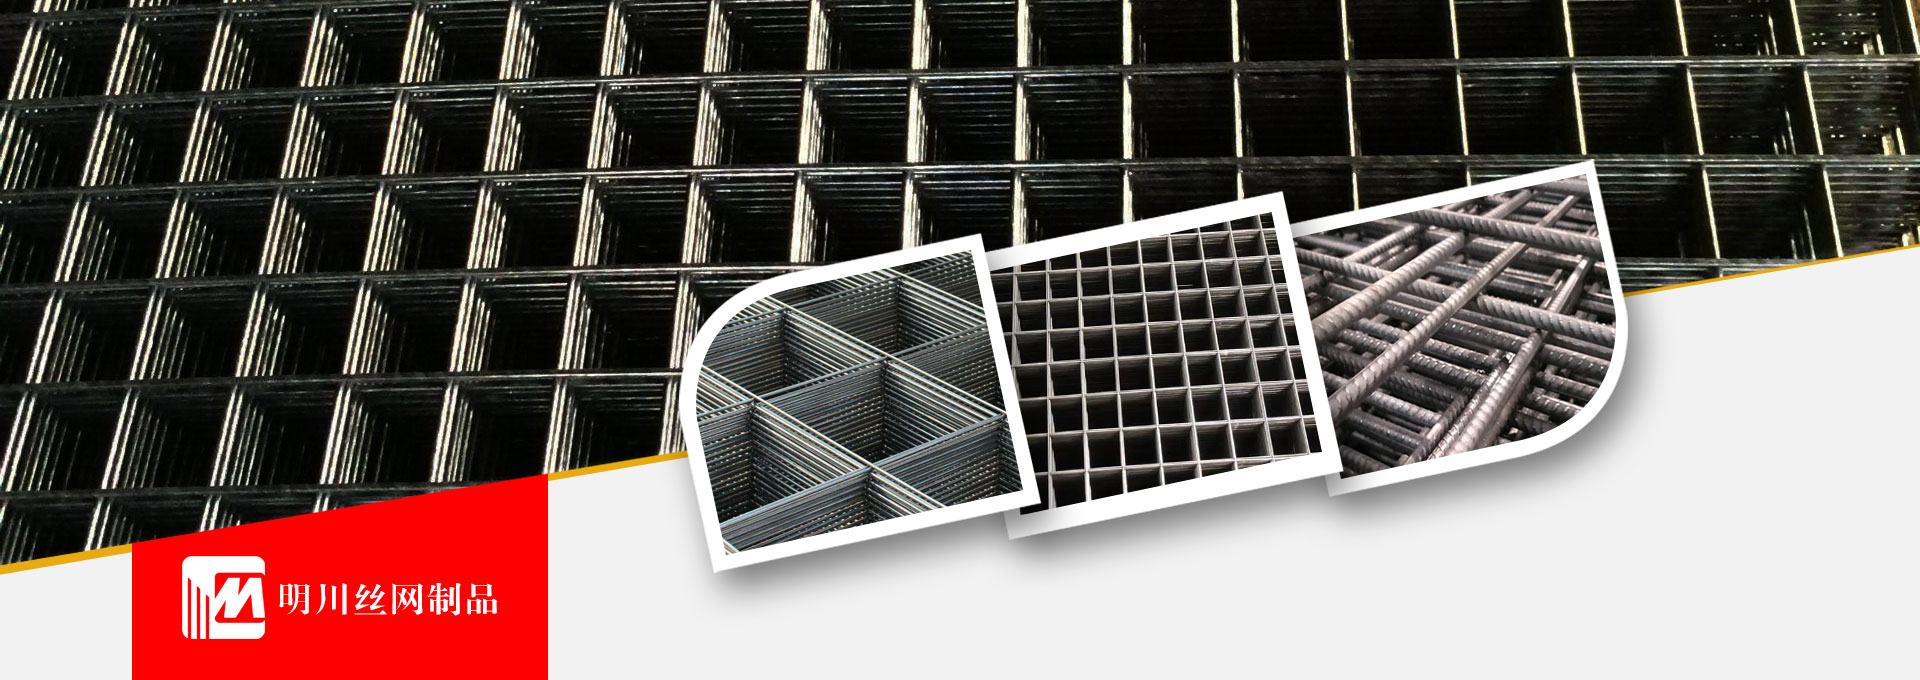 工地建筑网片,钢筋建筑网片,建筑网片